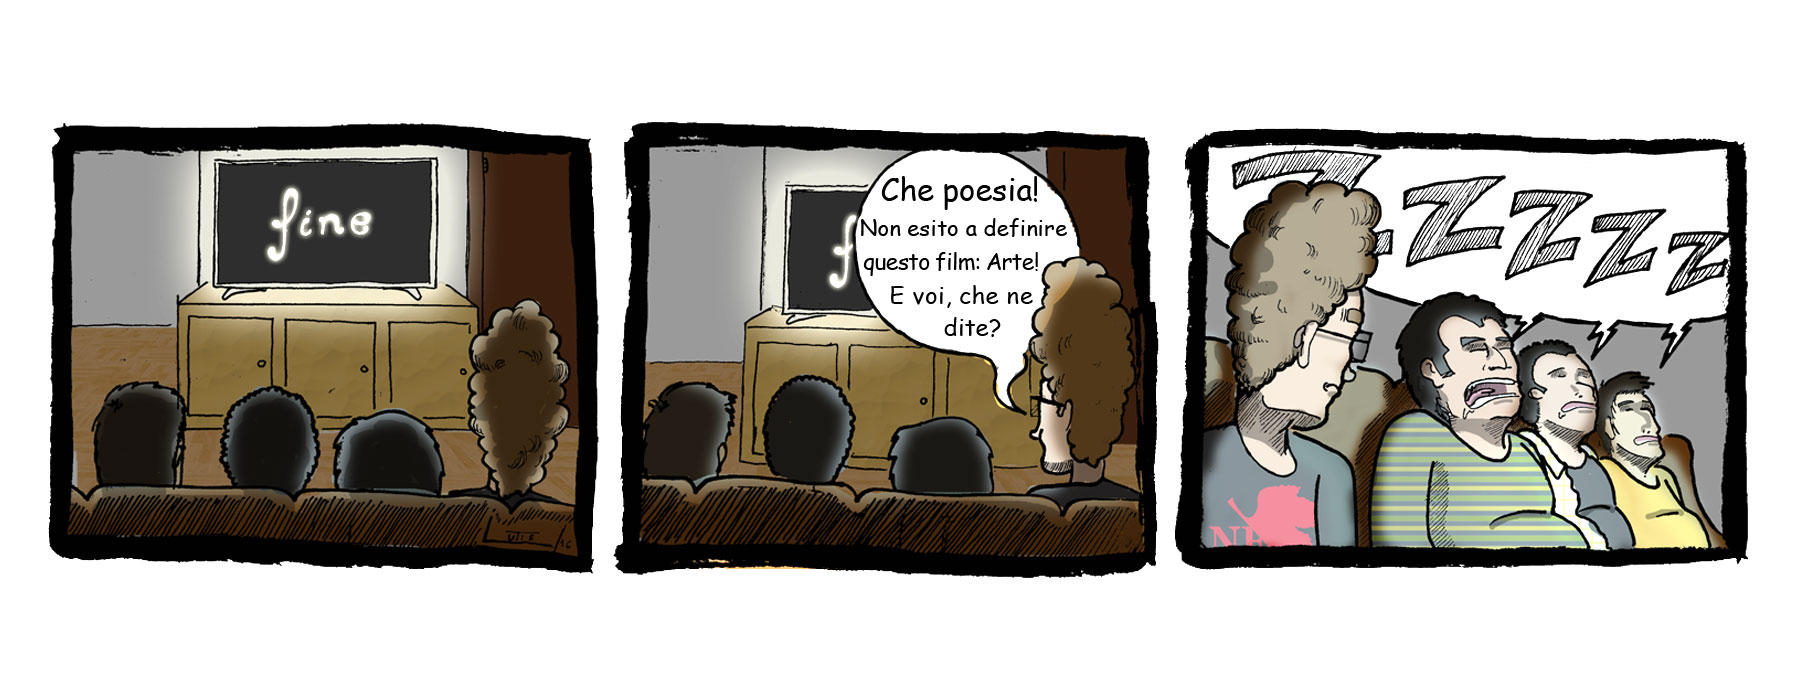 KYF comics 31